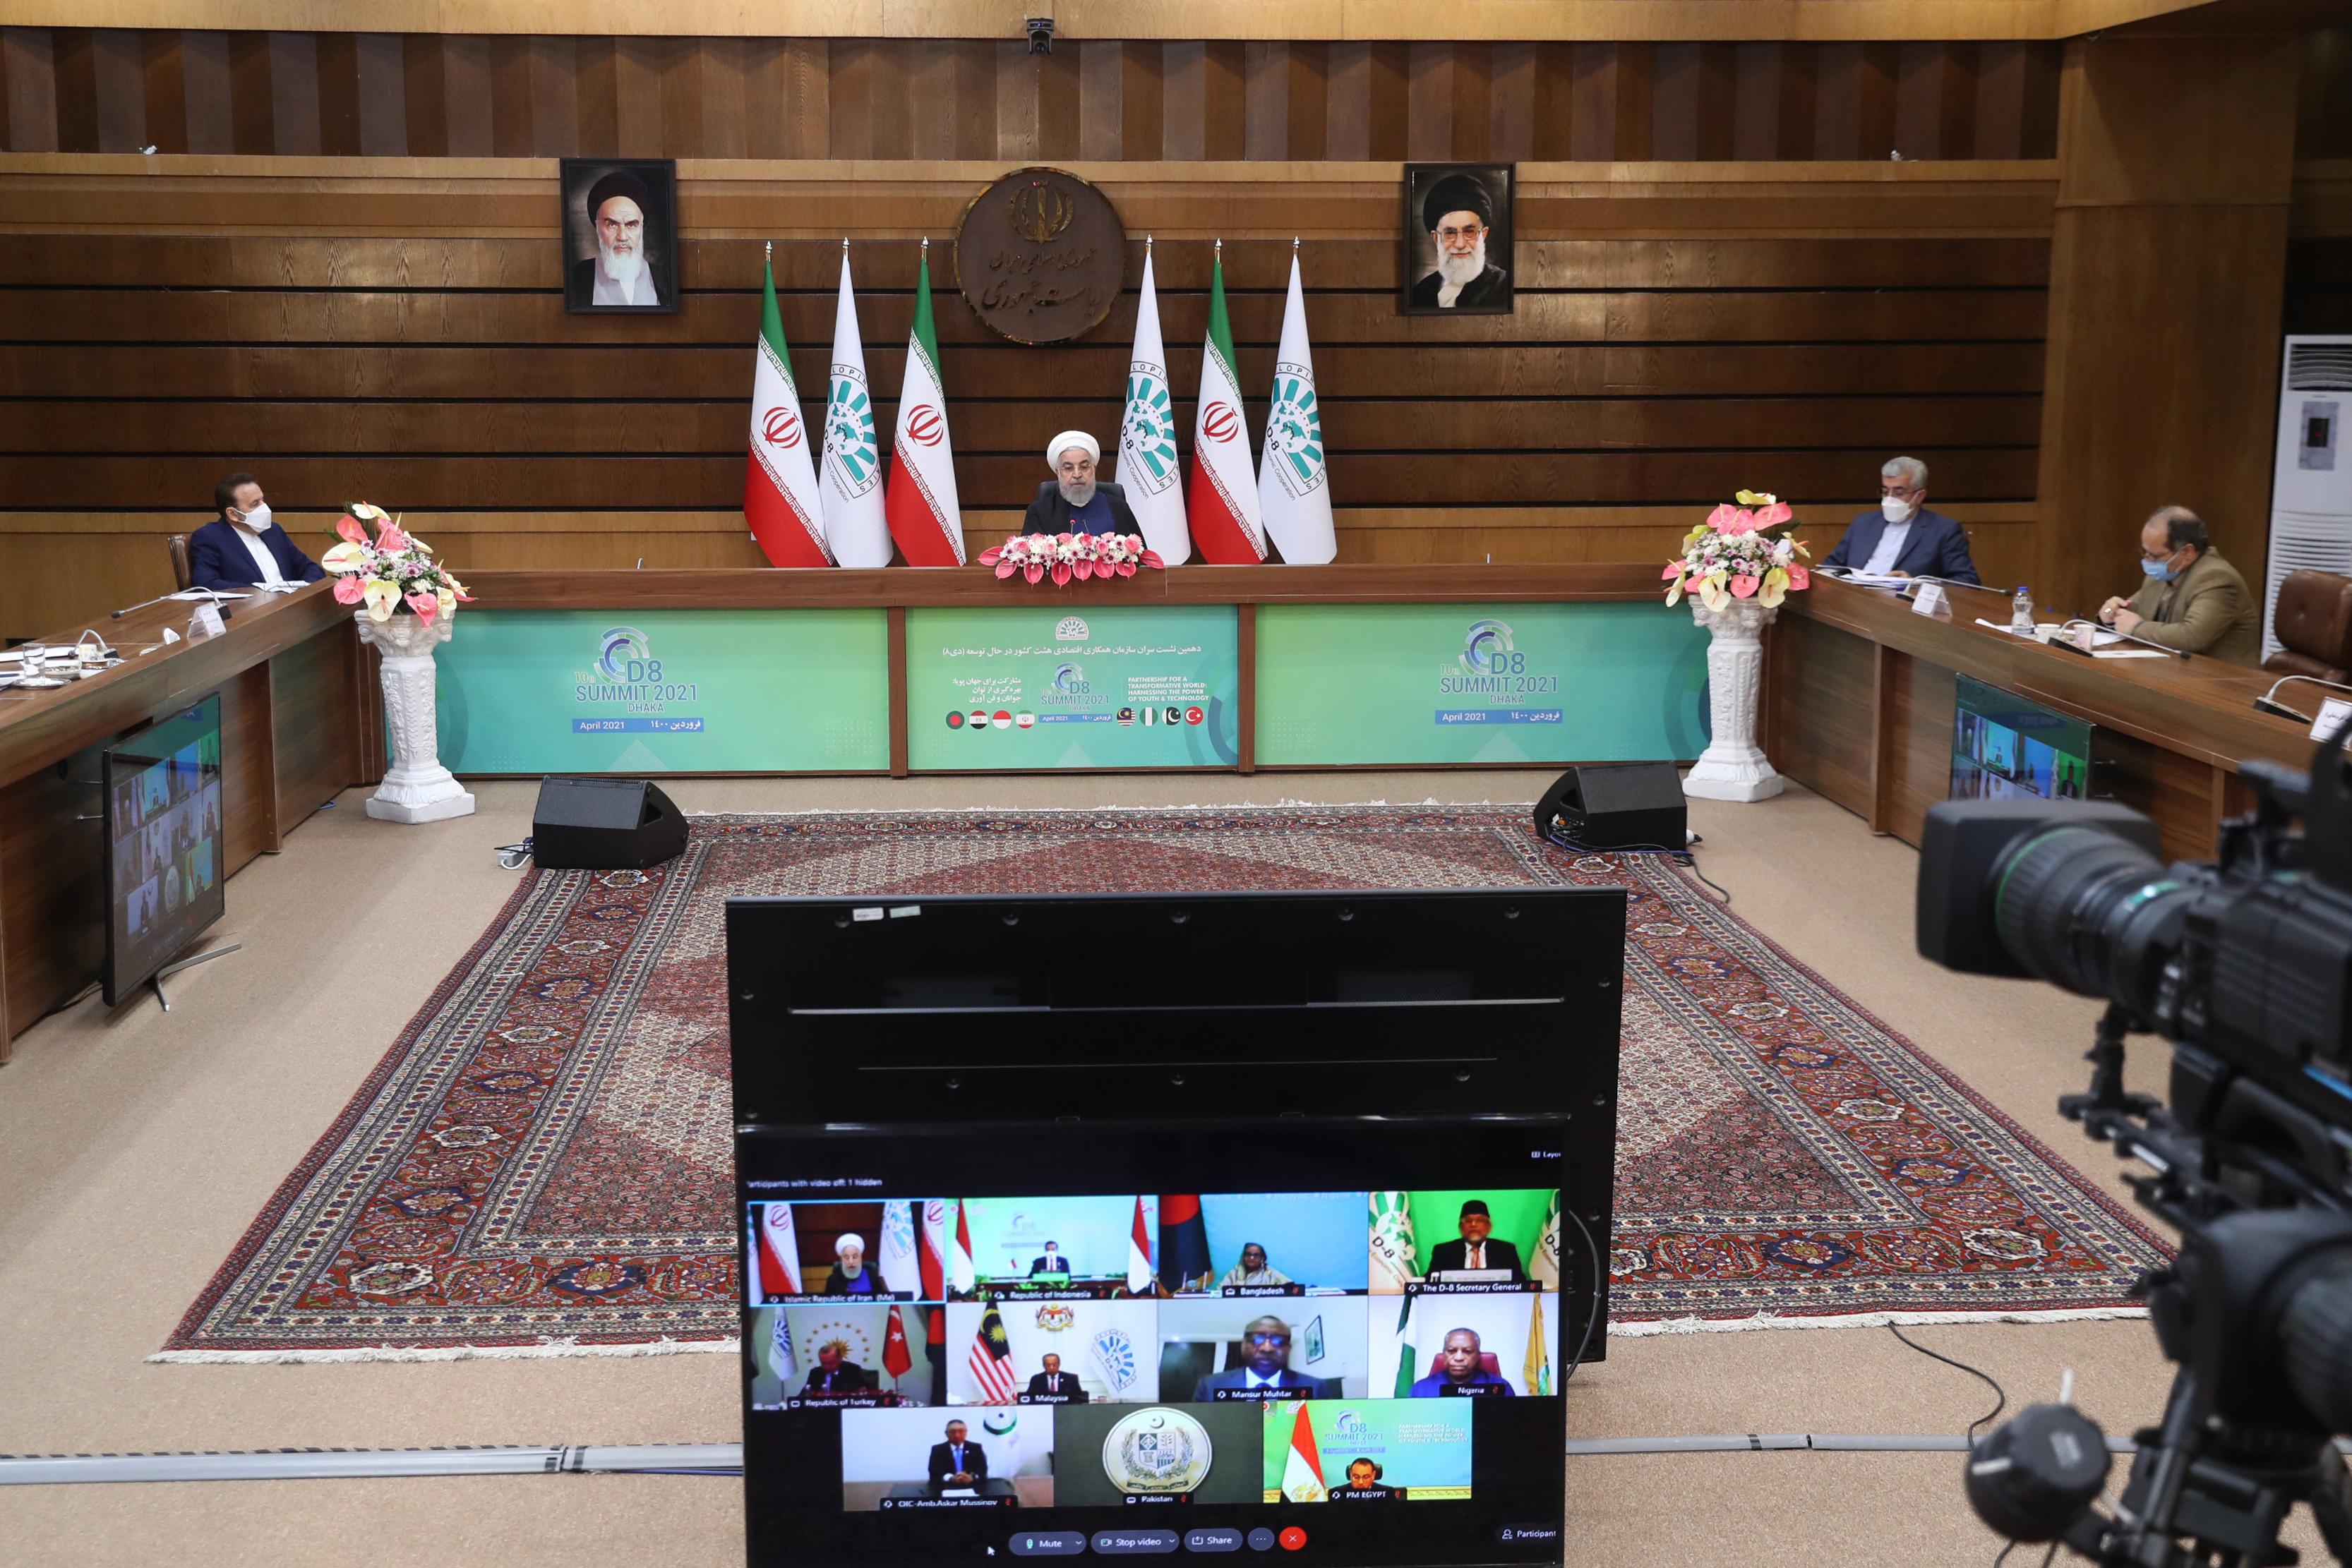 آمریکا با لغو تحریمها به برجام بازگردد/ جنگ اقتصادی آمریکا علیه ایران شکست خورد/ اقتصاد ایران با وجود تحریمها و کرونا 2 درصد رشد کرد